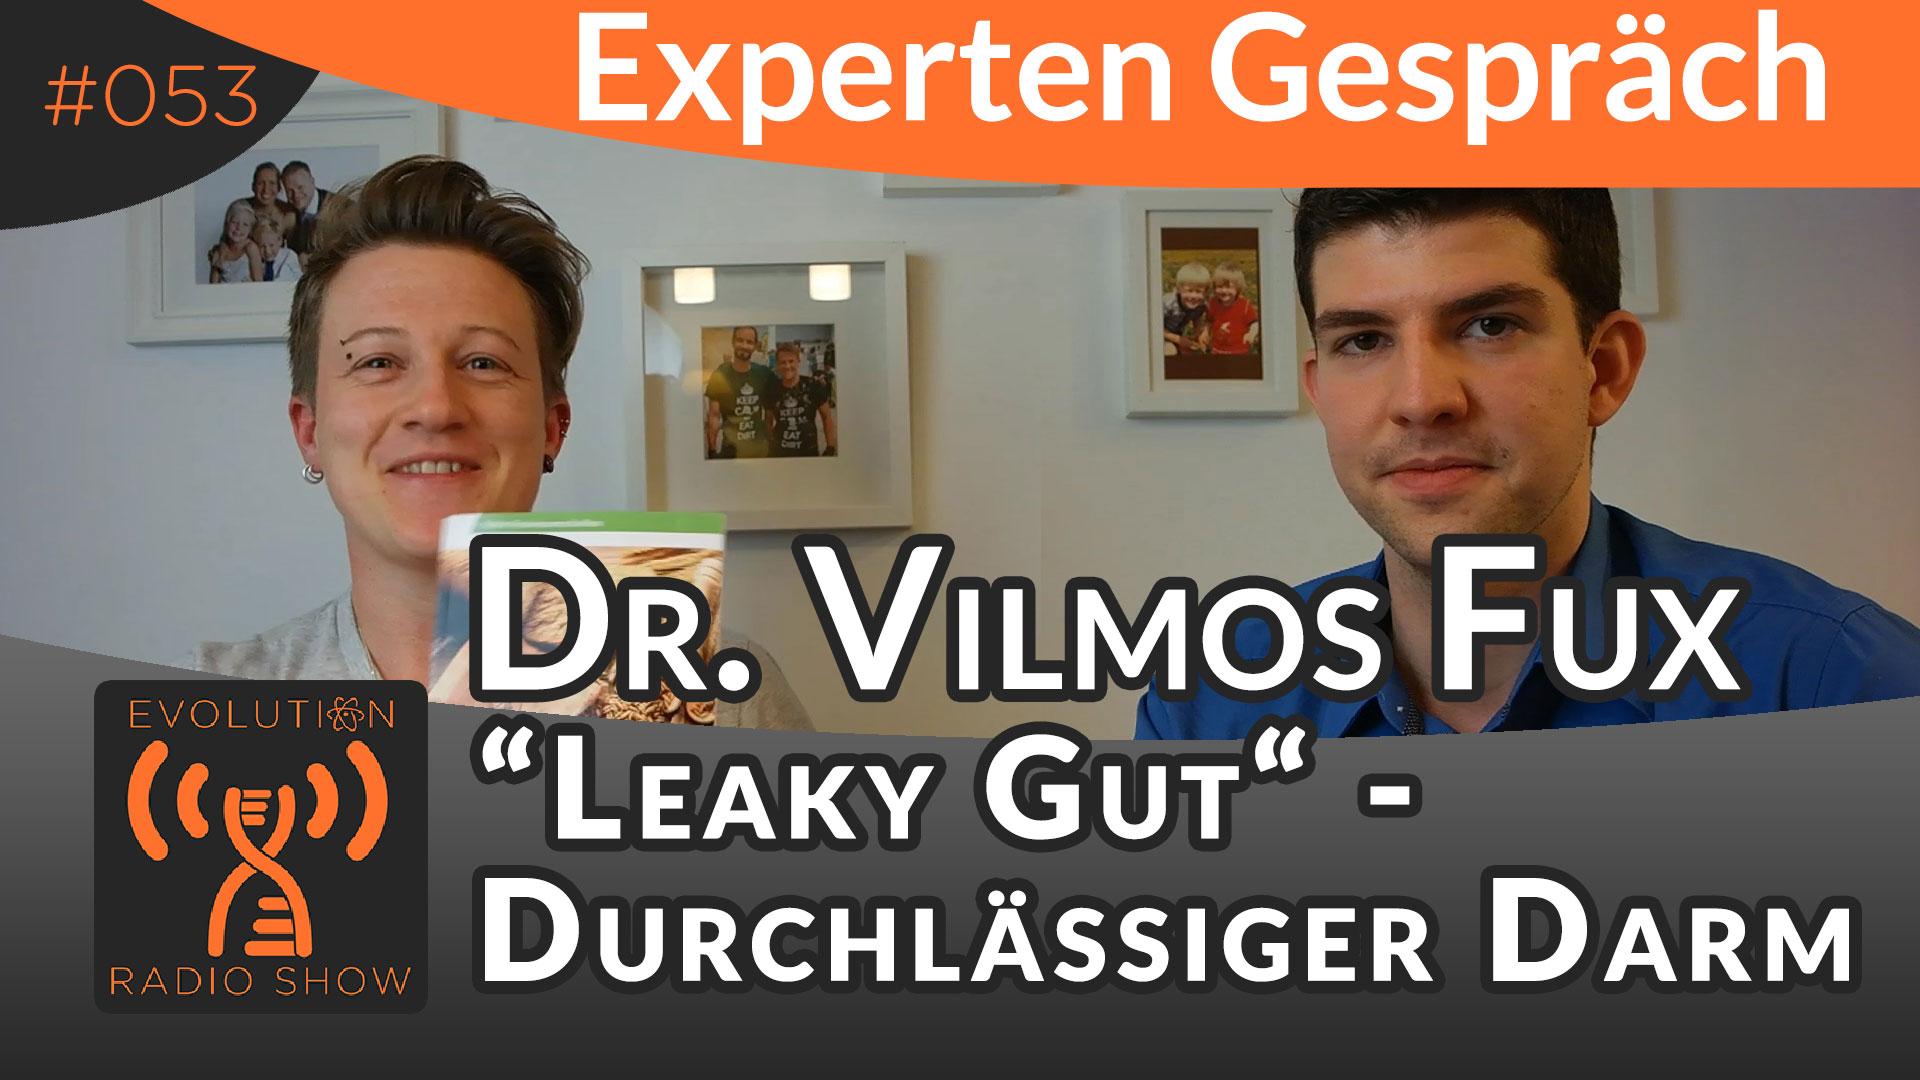 """Evolution Radio Show Folge #053: """"Leaky Gut"""" Syndrom - Durchlässiger Darm - Expertengespräch mit Dr. Fux"""